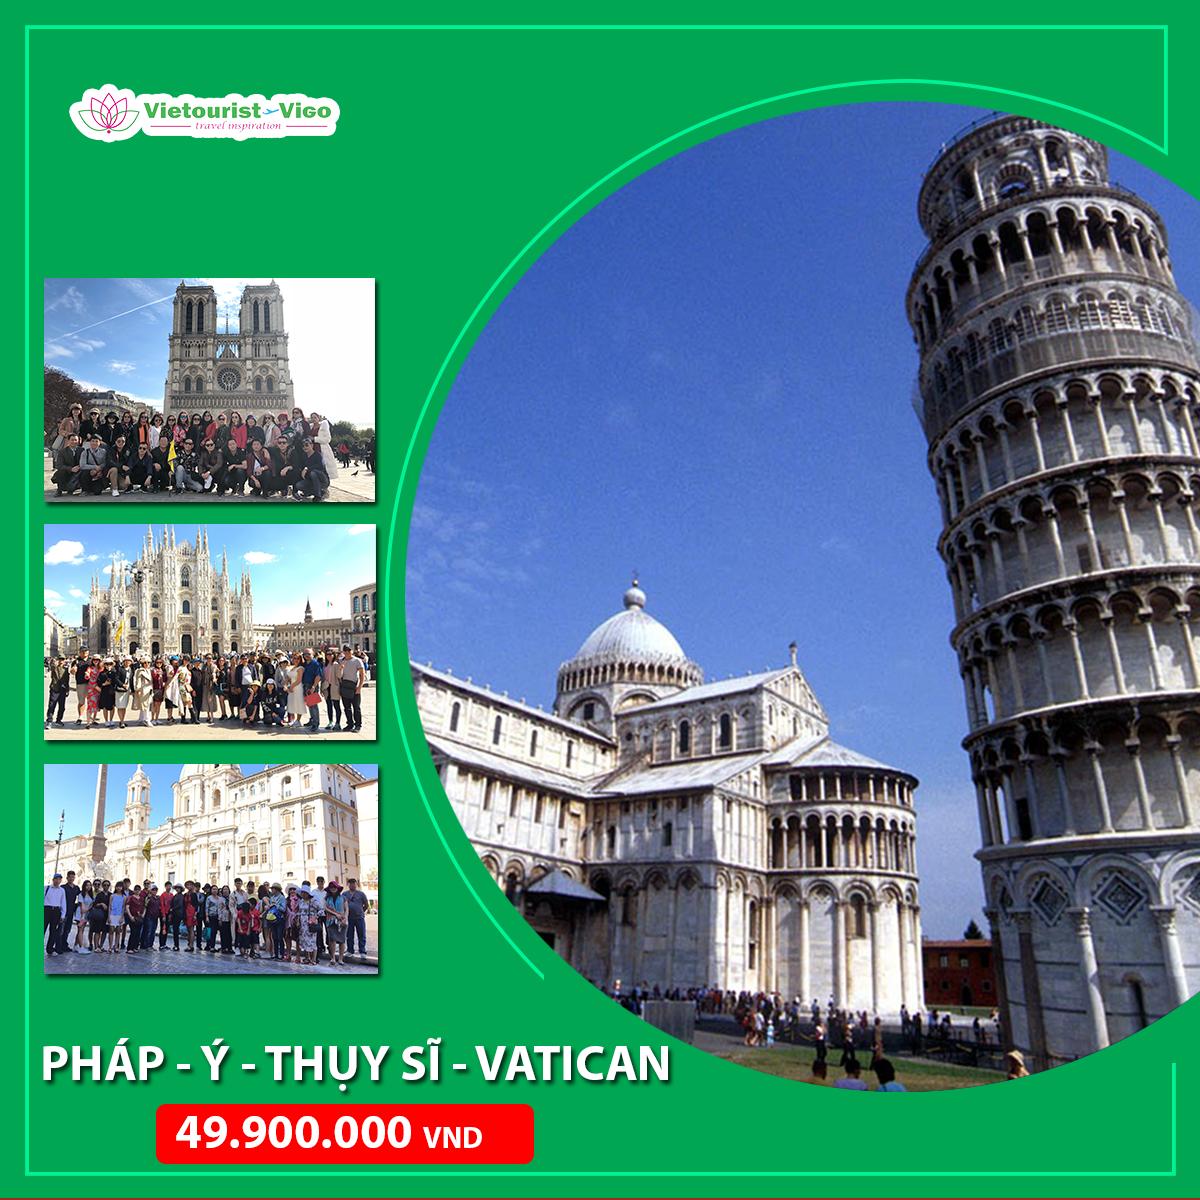 Tour Châu Âu 4 nước Vietourist vigo